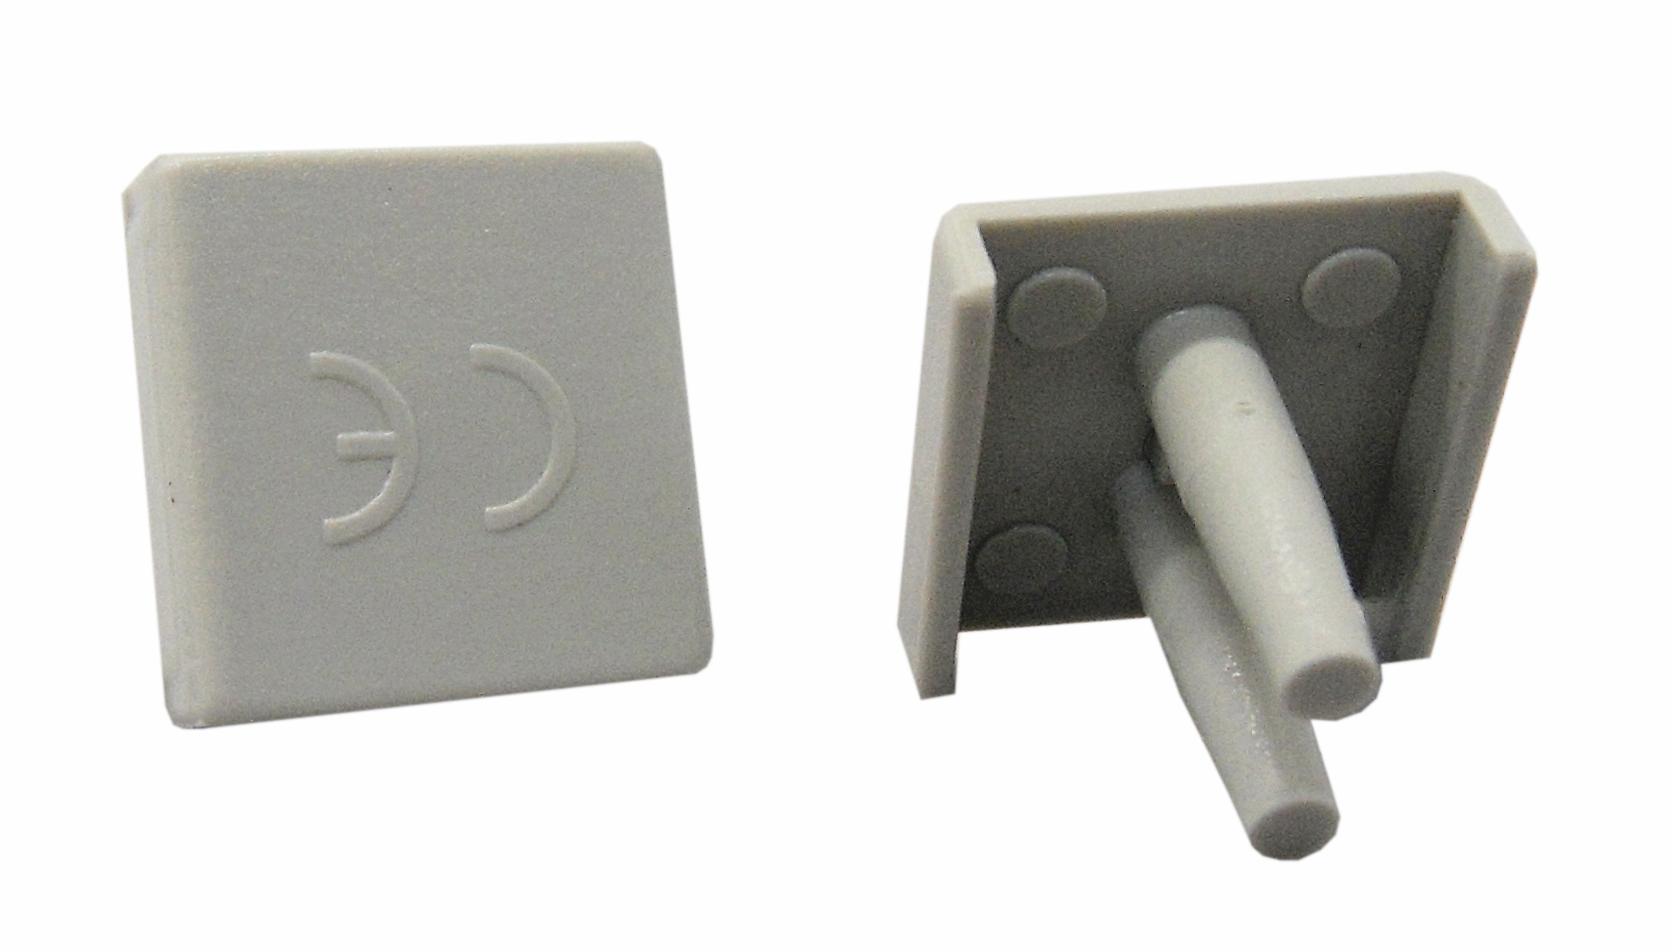 1 Stk Endplatte für 2-polige Verschienungen BS900118--